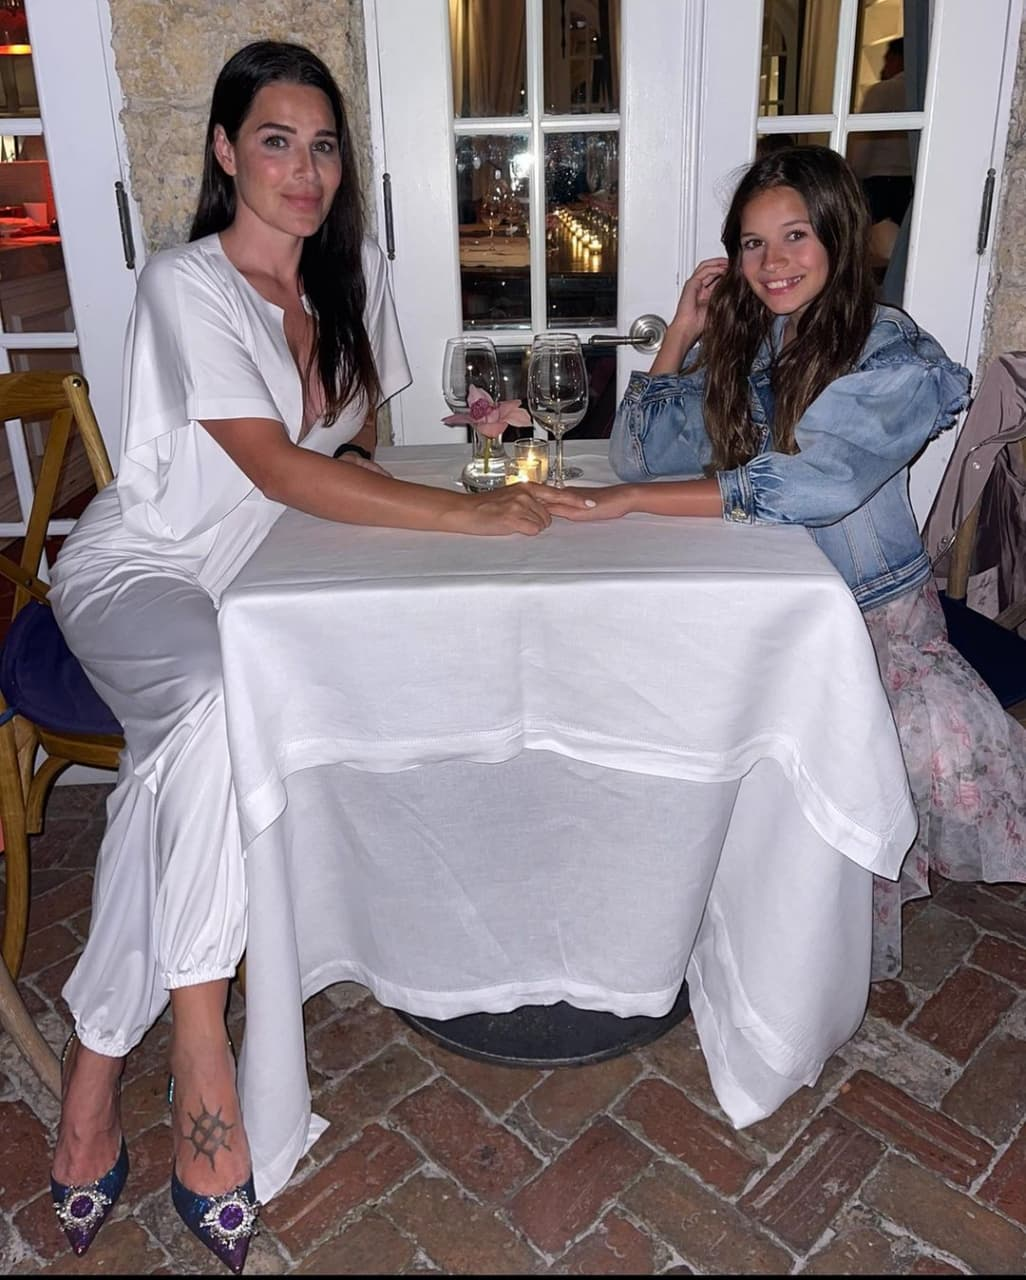 Соня Аморузо – жена Алессандро Дель Пьеро. Она сестра бывшего партнера Алекса по «Ювентусу»